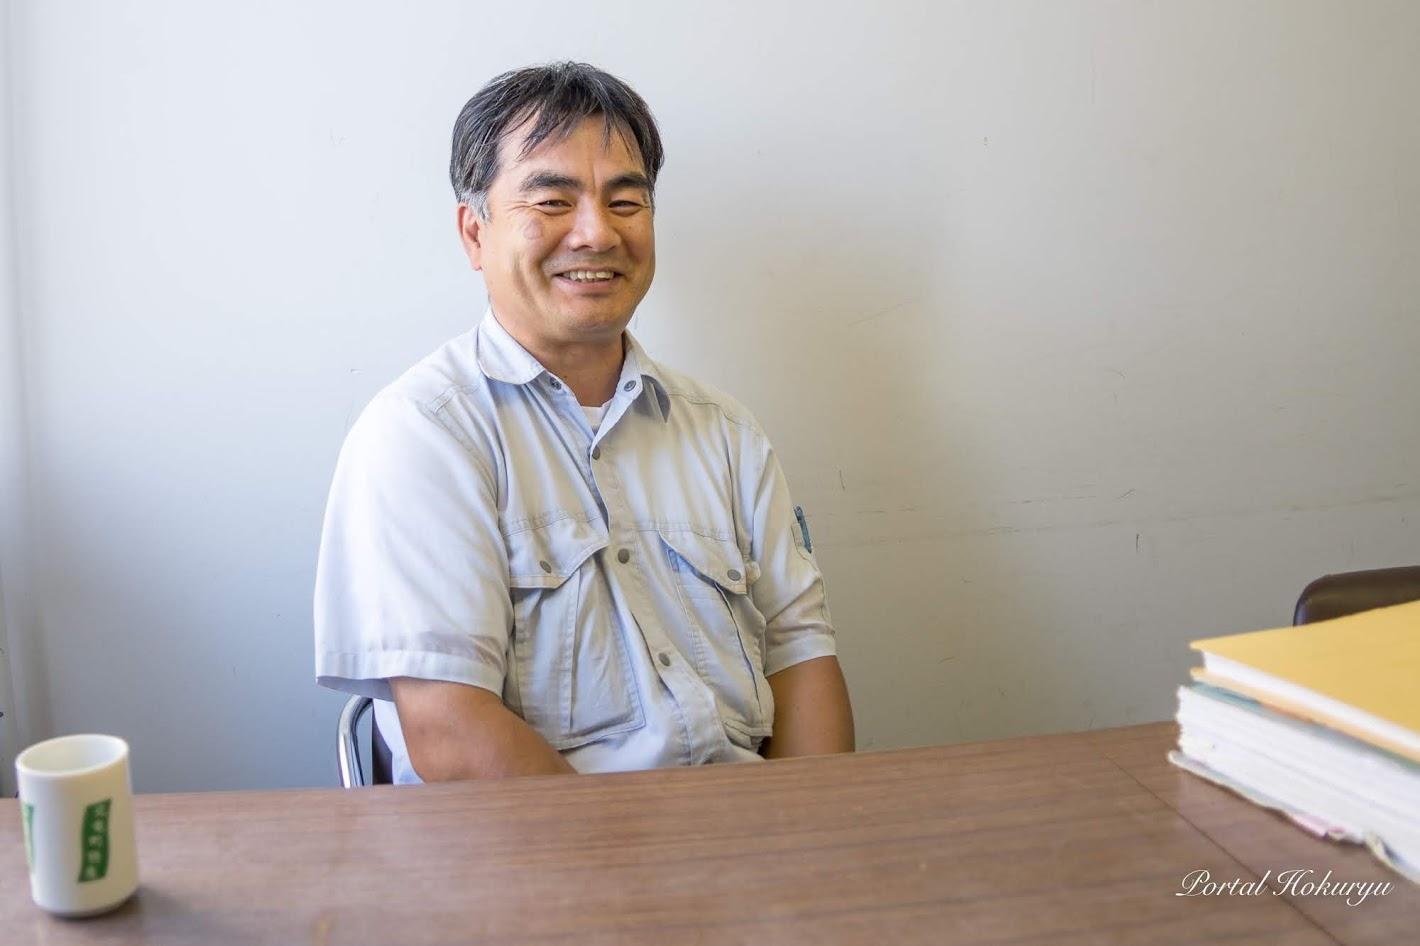 北竜町役場建設課・川田昌宏 技術長